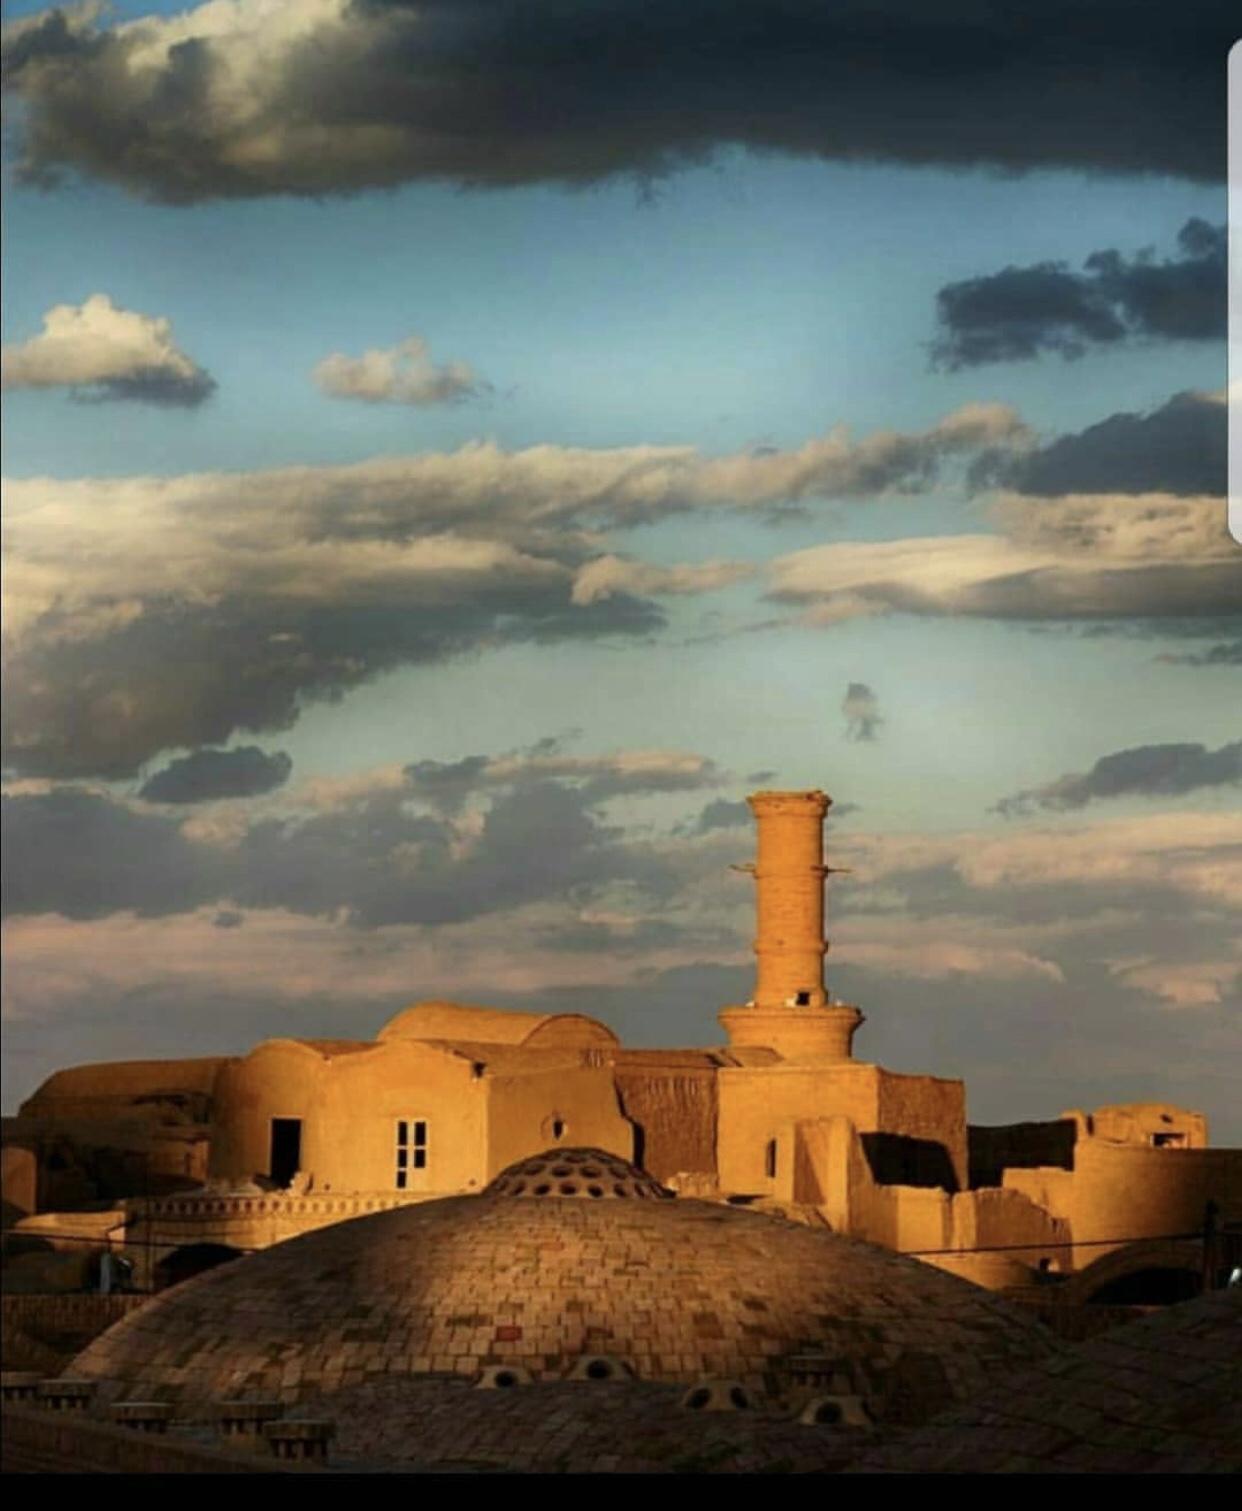 عدسة إيرانية: قرية ايرانية أثرية 1